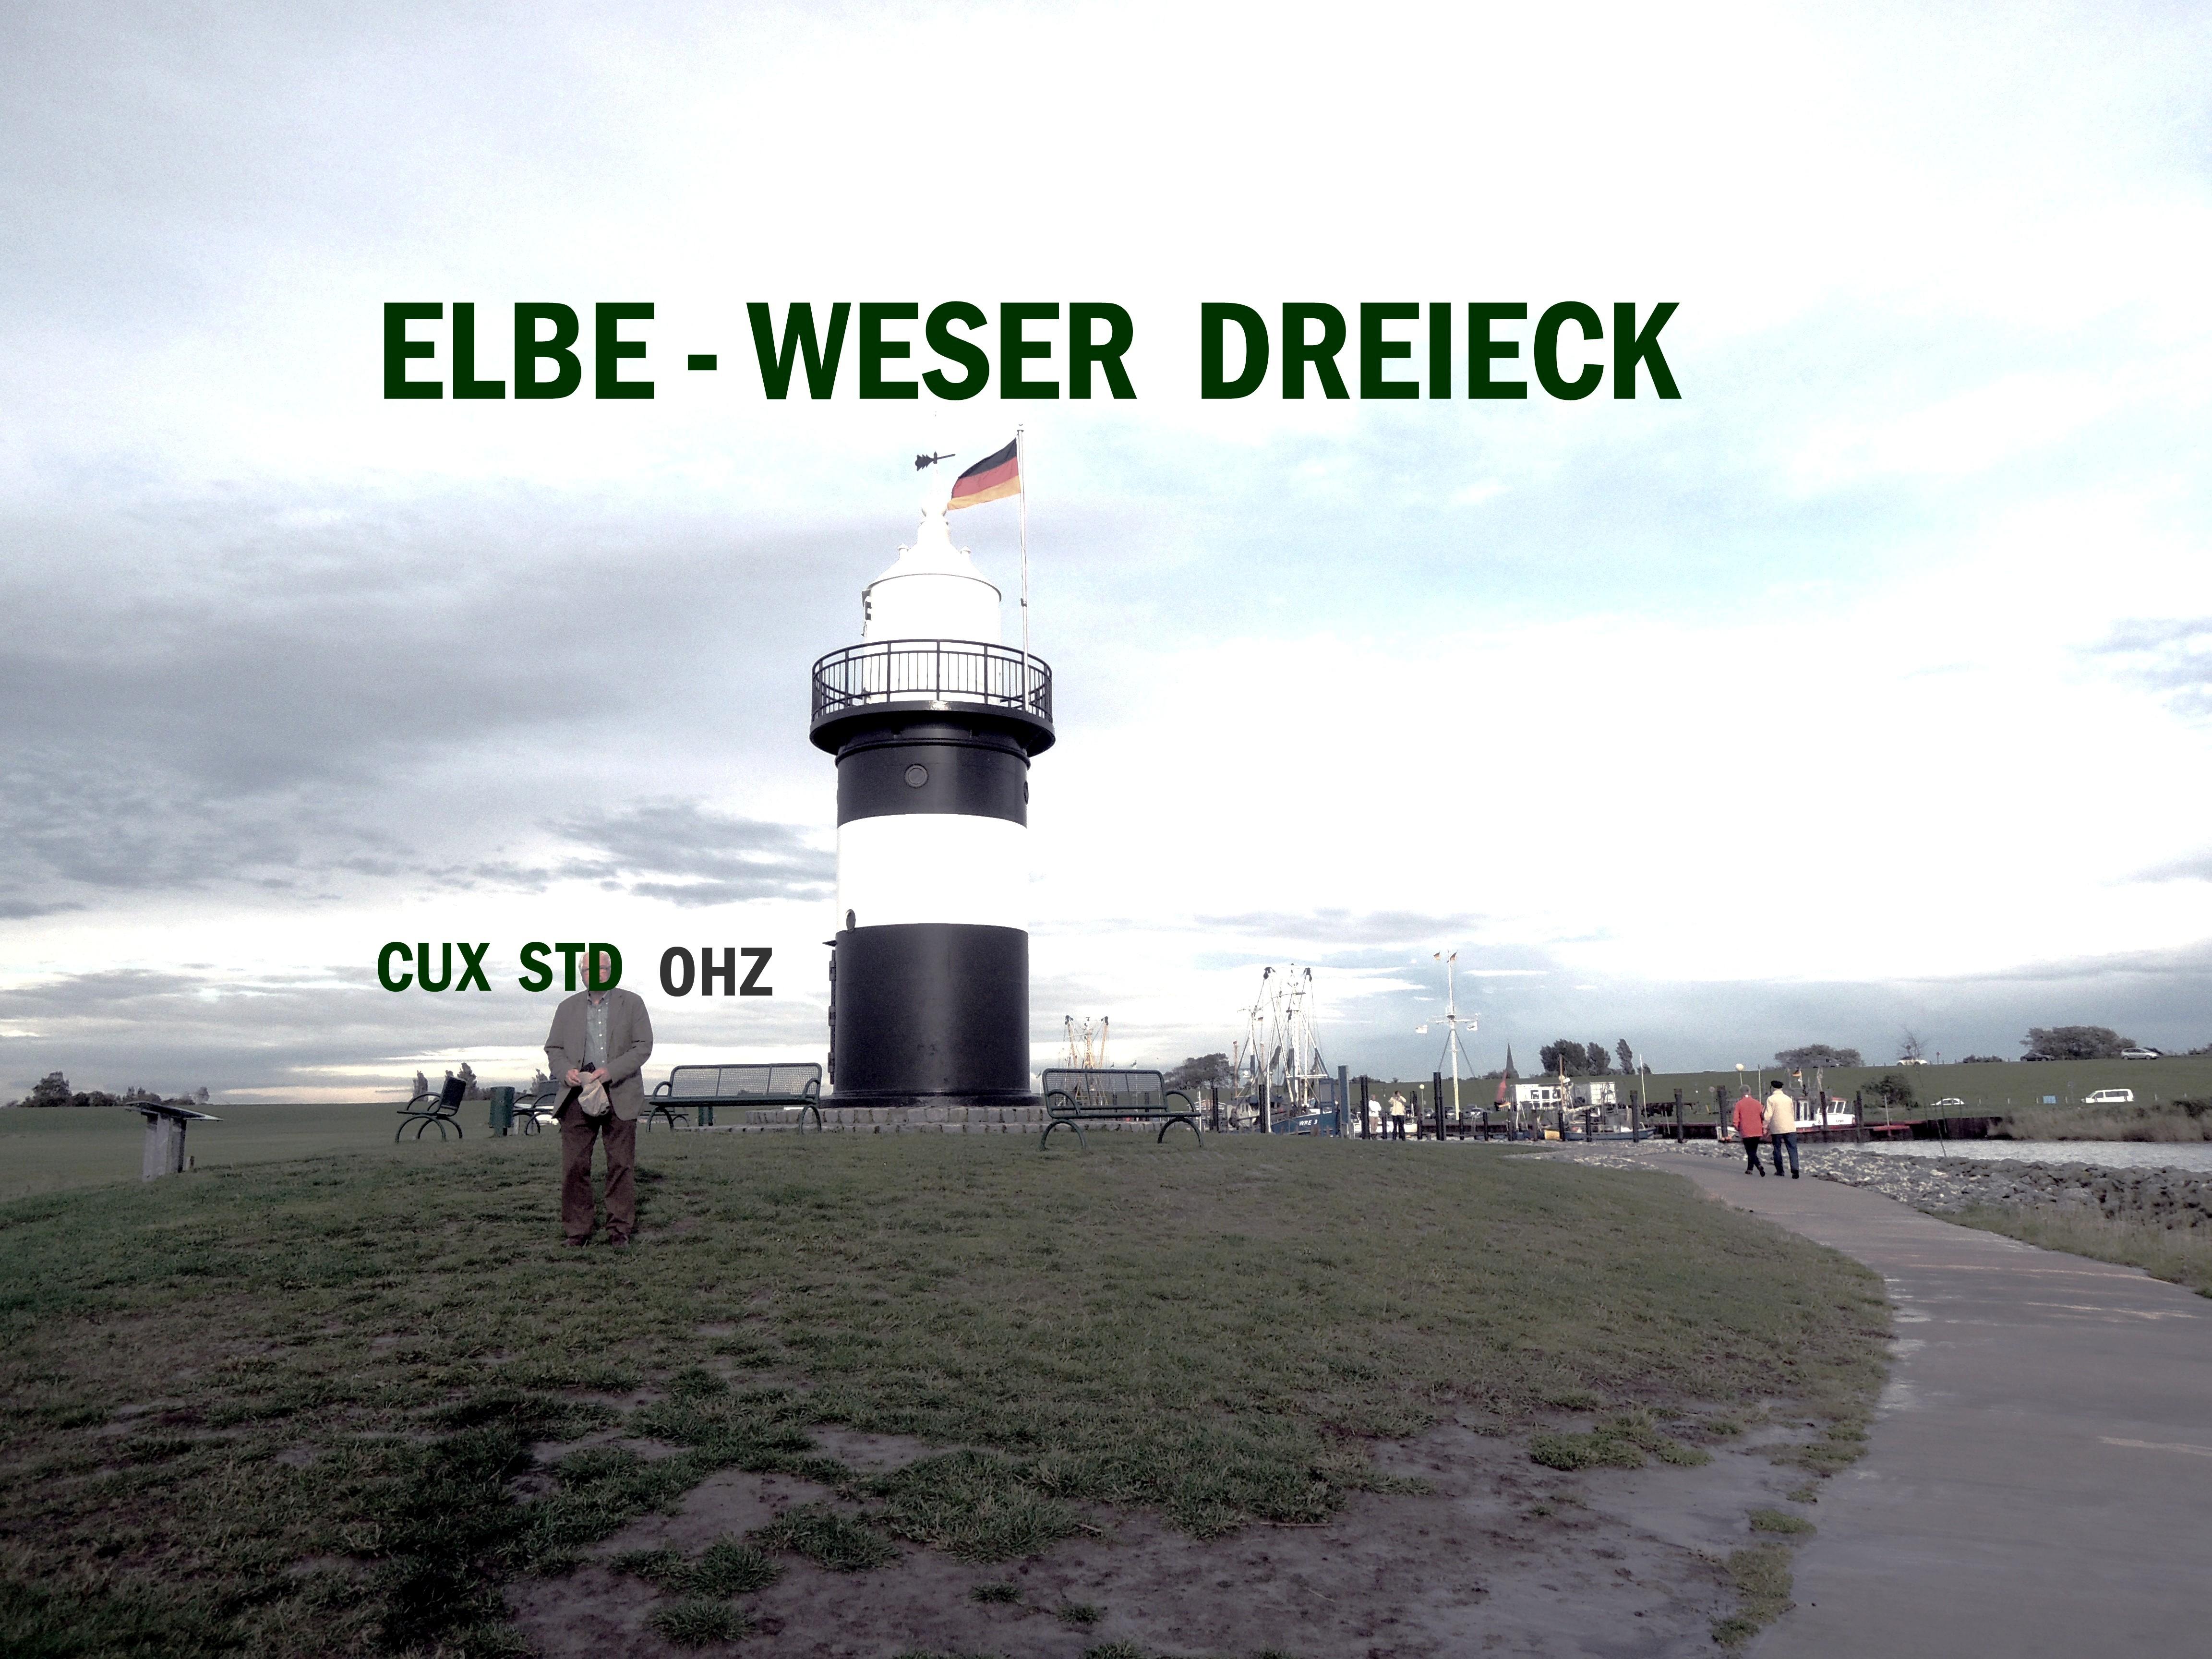 e-30-elbe-weser-dreieck